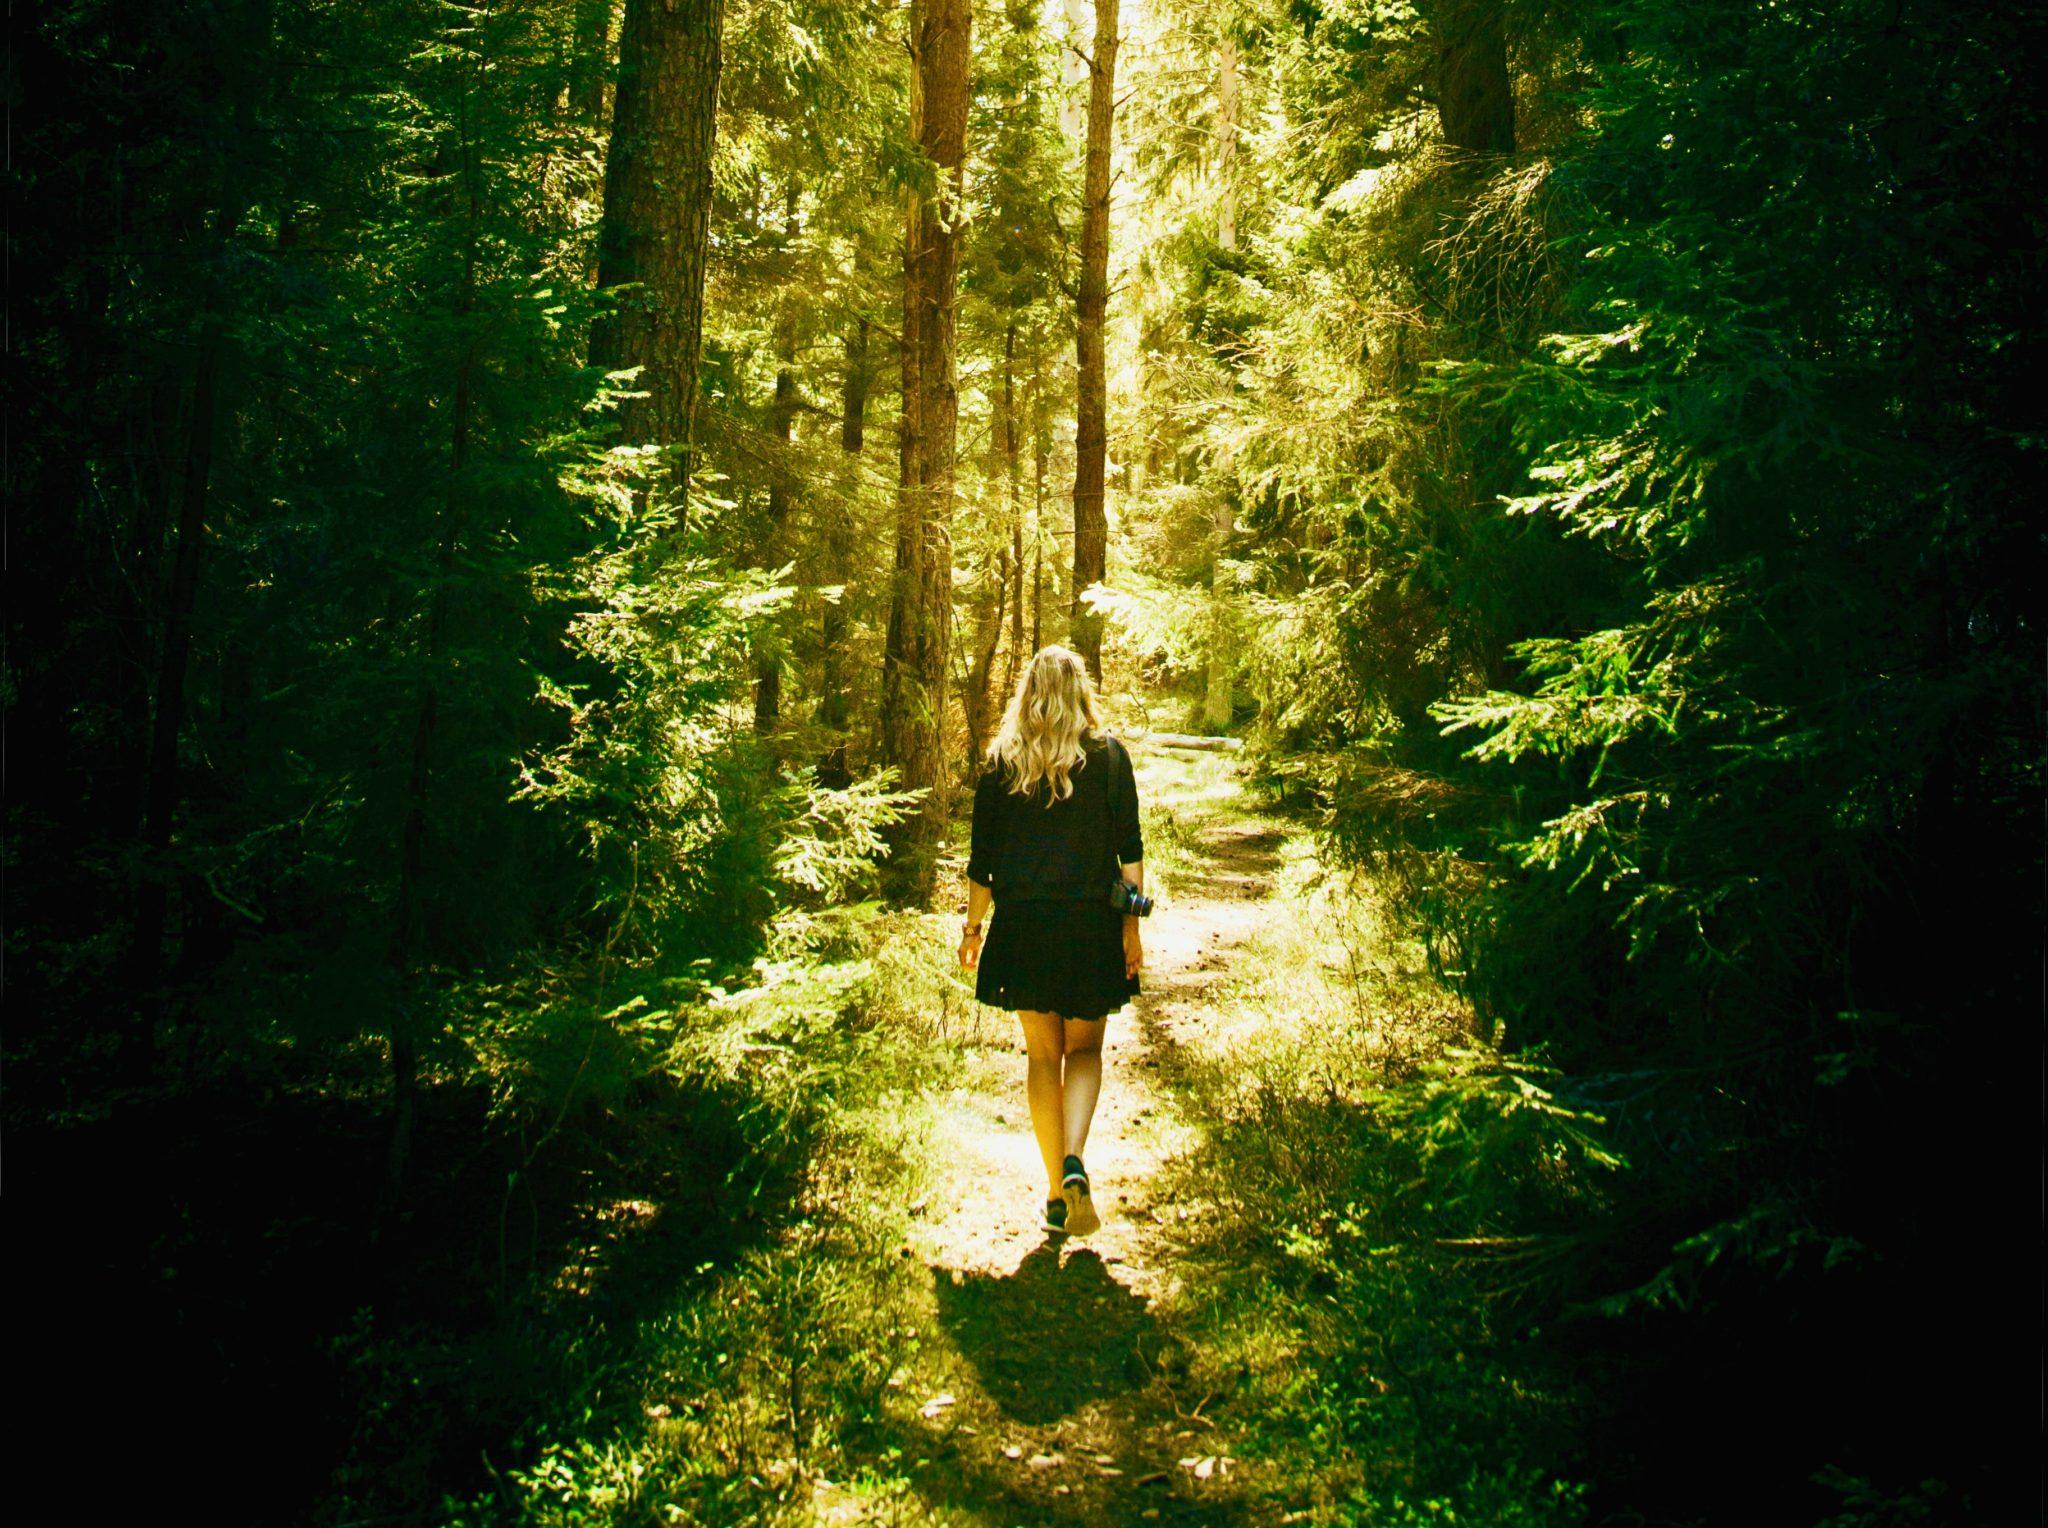 TBSen de nieuwe hype daarom loopt dit wijf alleen in het bos